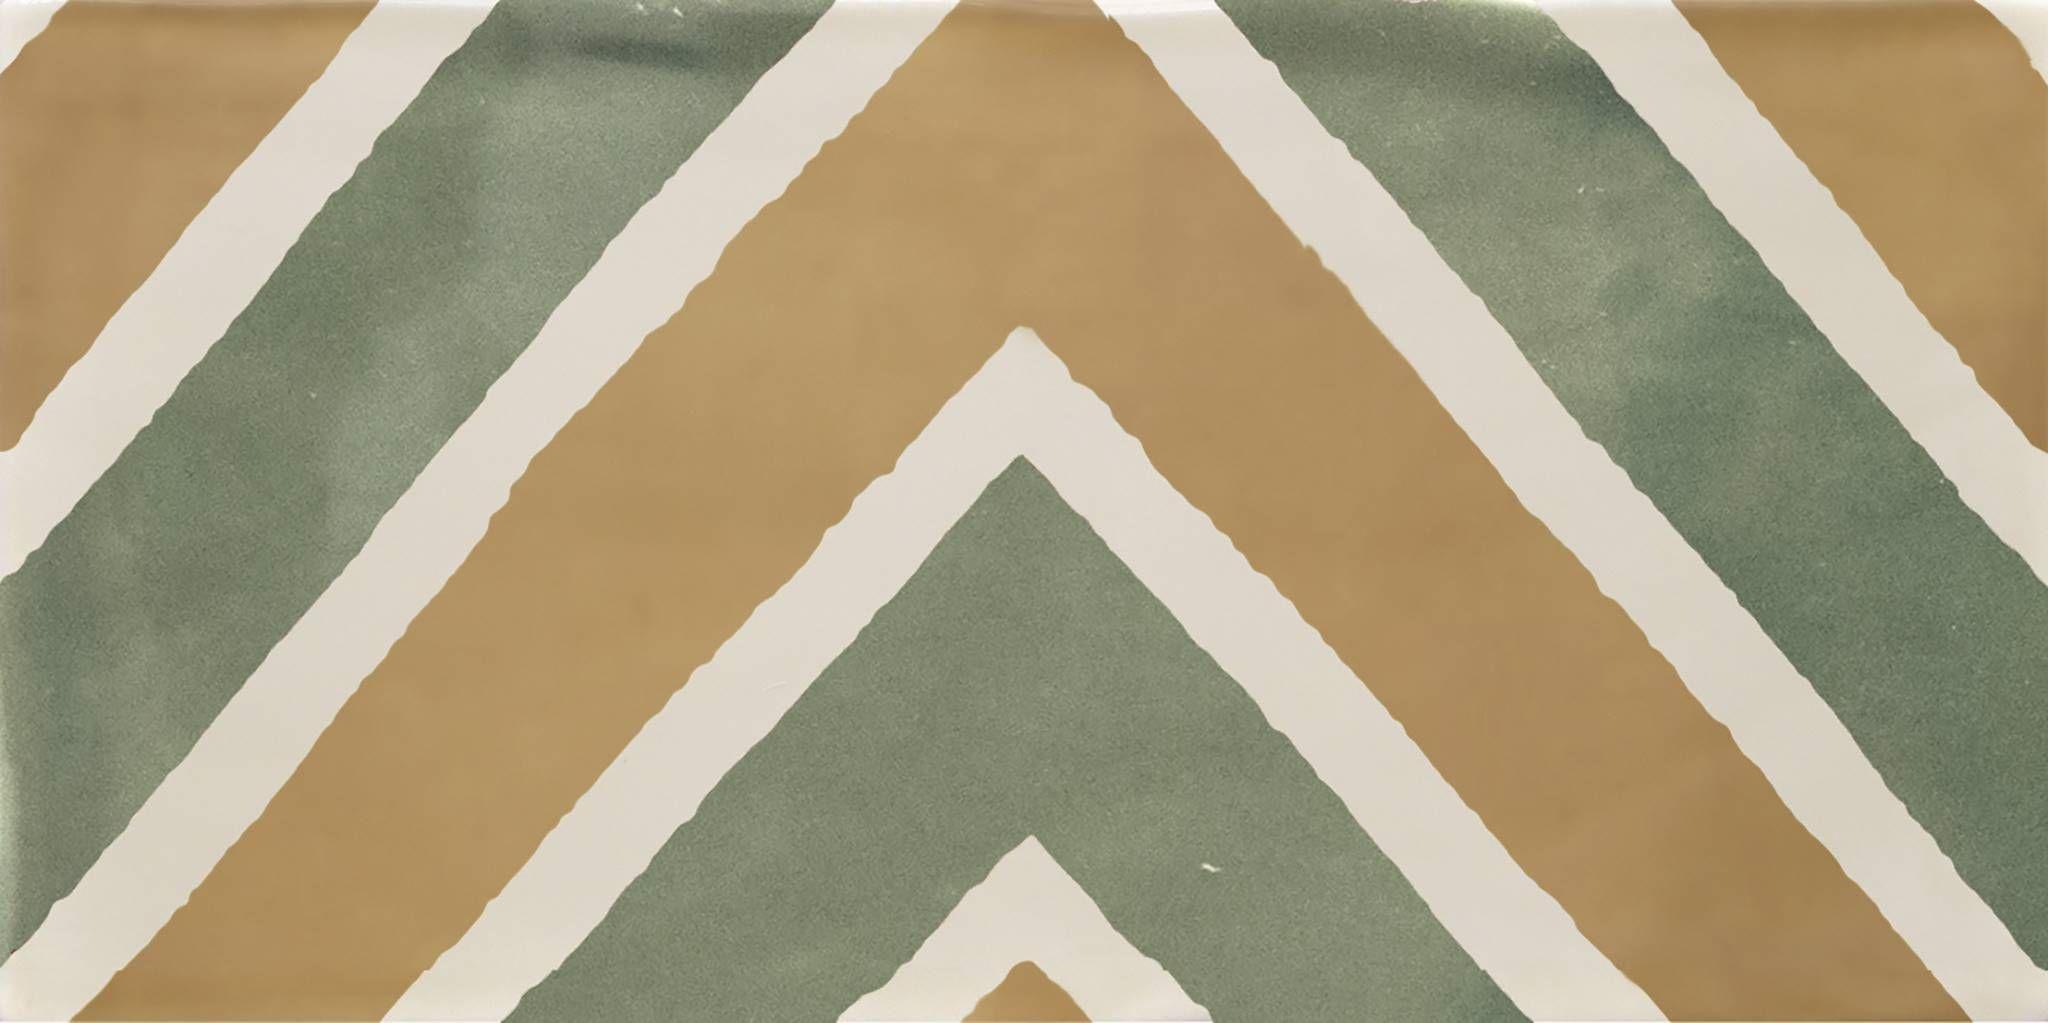 Купить Керамическая плитка Cifre Atmosphere Decor Ask Olive декор 12, 5x25, Cifre Ceramica, Испания